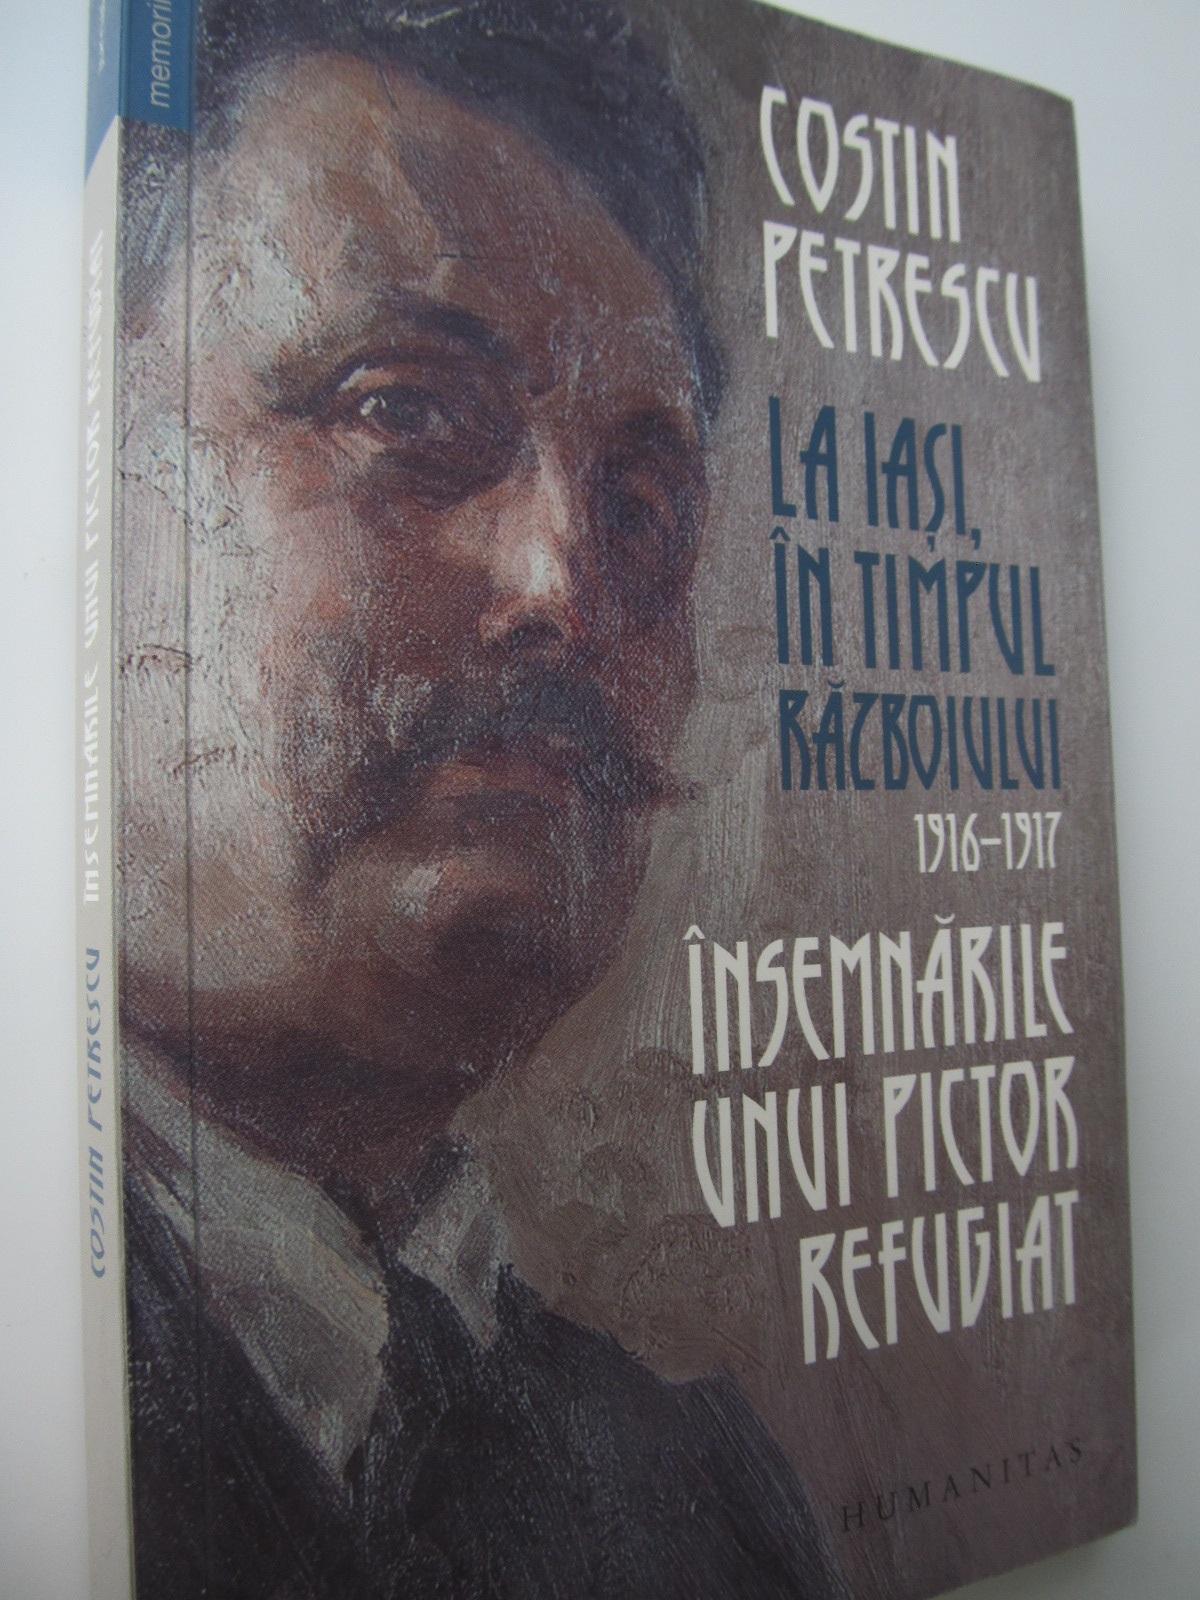 La Iasi in timpul razboiului 1916-1917 Insemnarile unui pictor refugiat - Costin Petrescu   Detalii carte